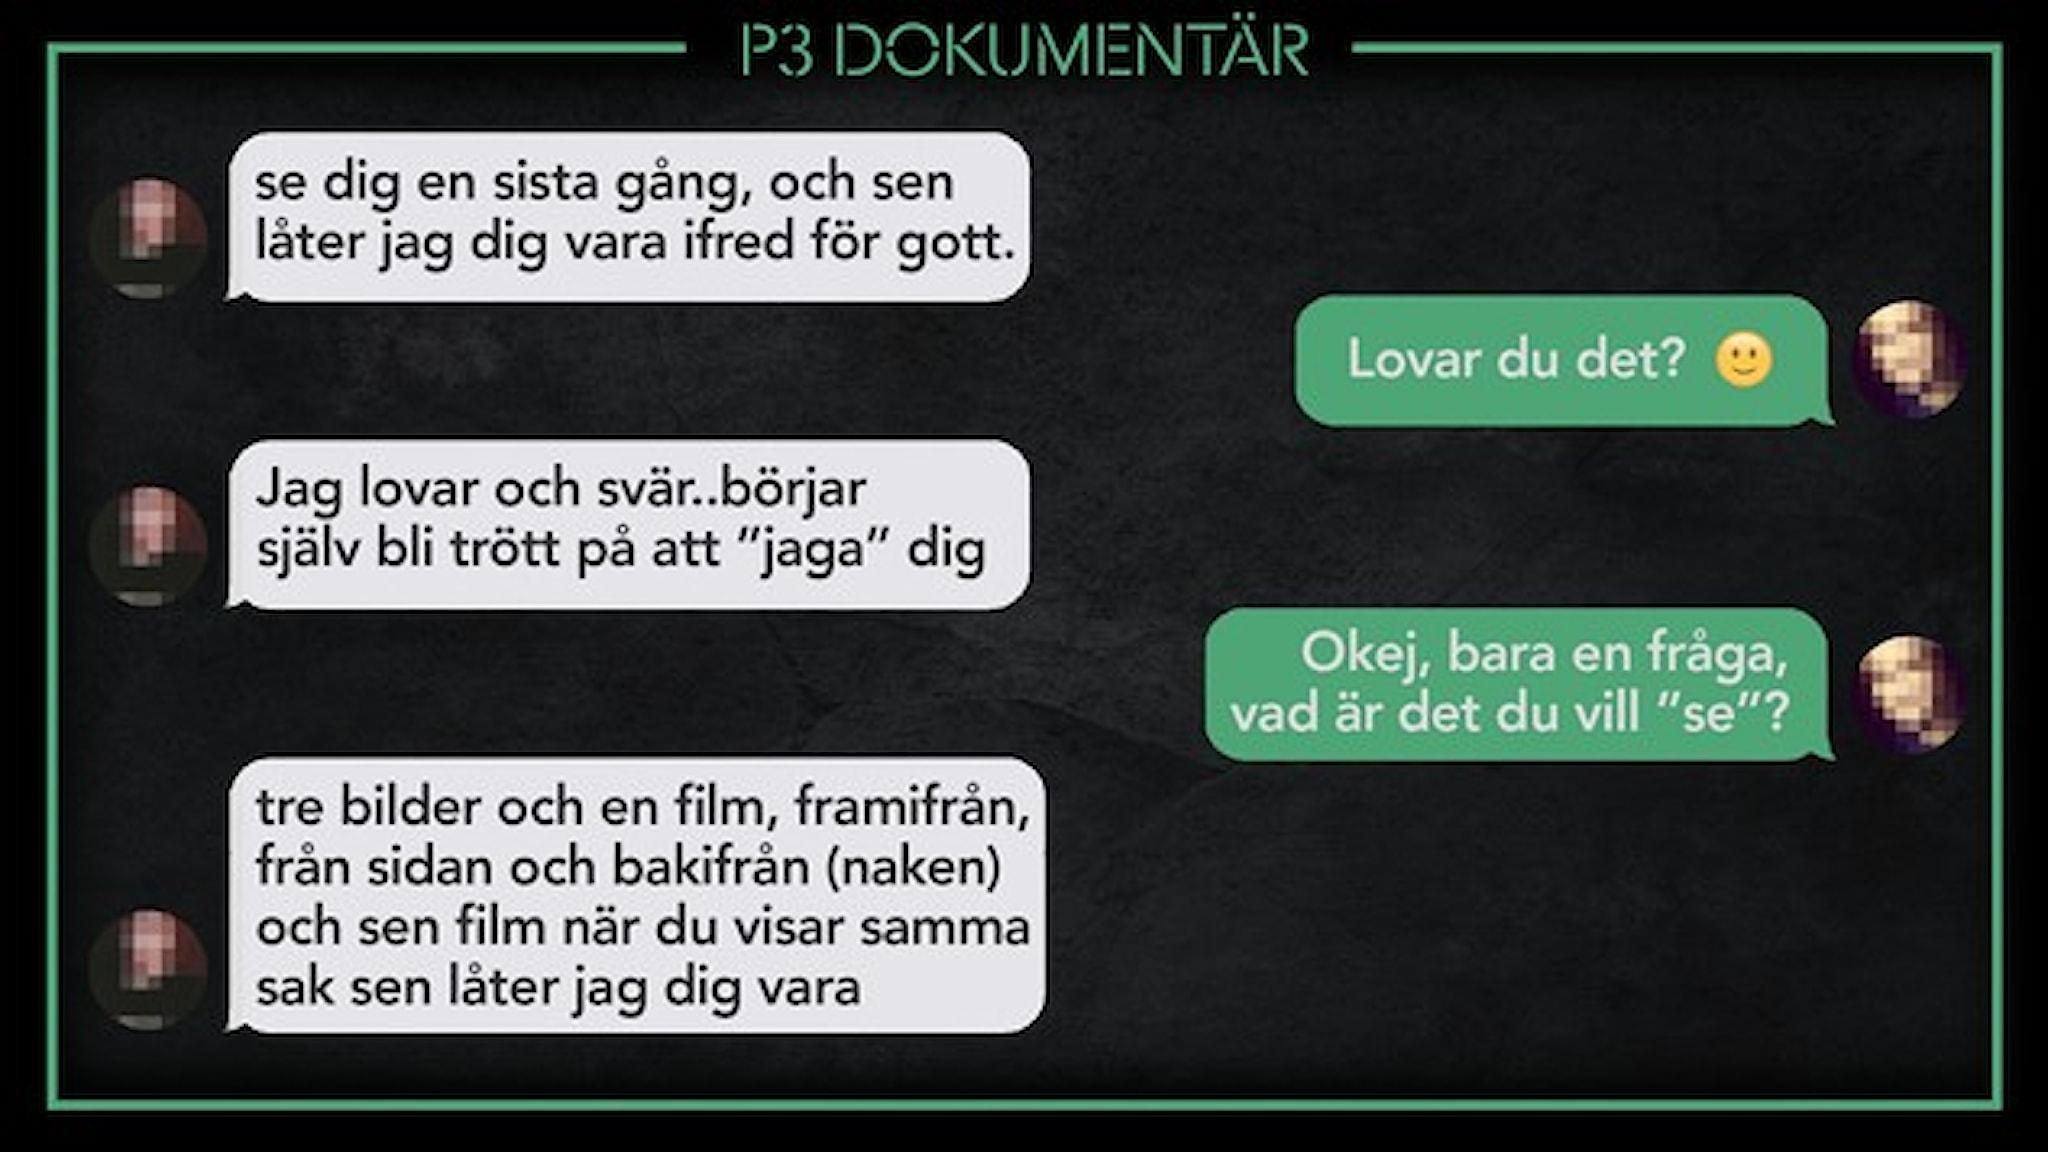 P3 Dokumetär Nätpedofilen i Husby